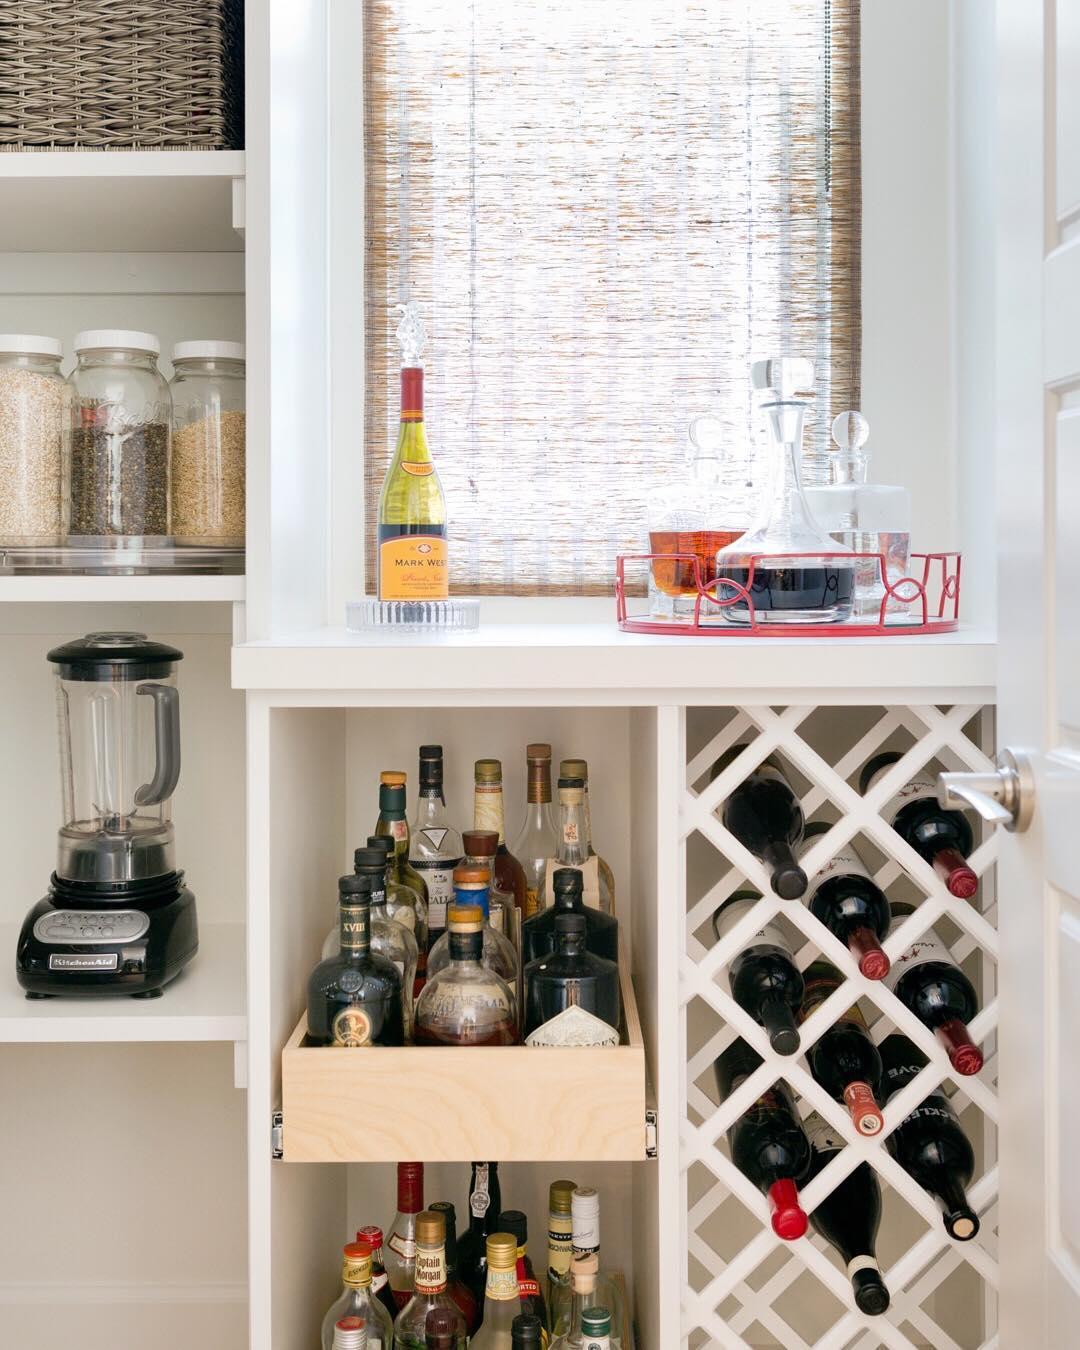 организация хранения на кухне фото 4